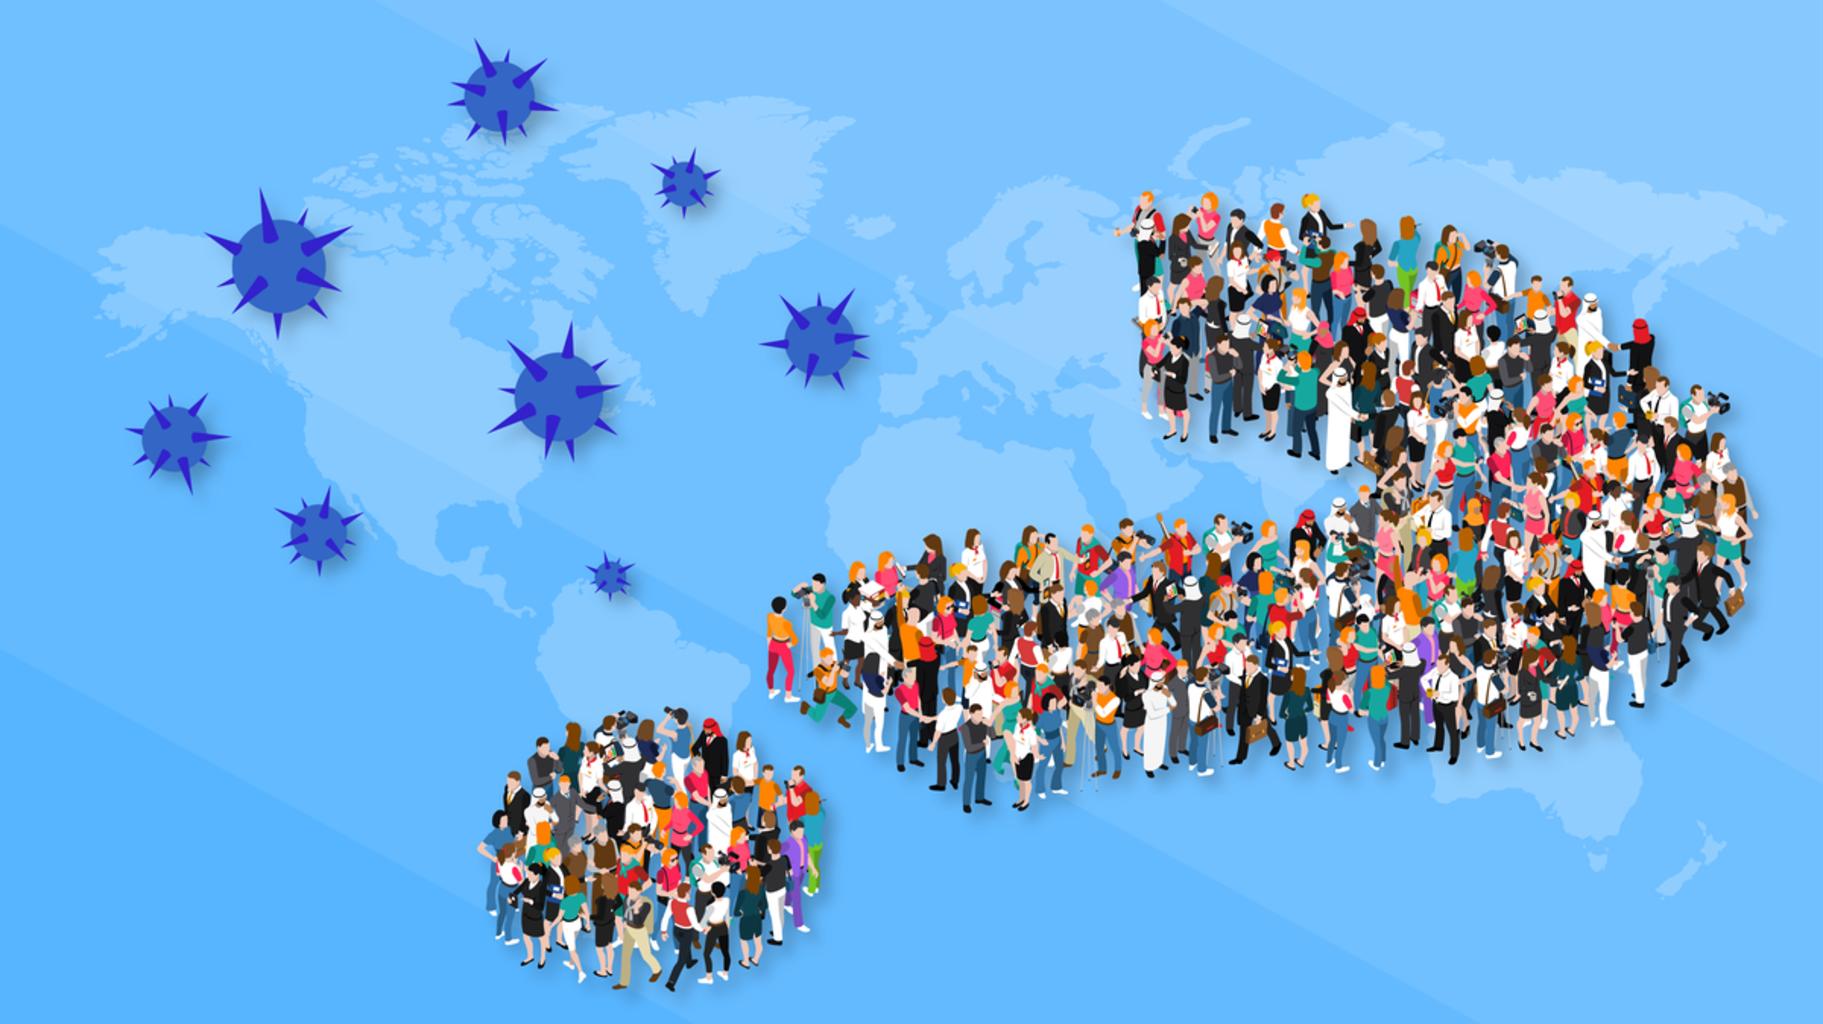 Дракохруст: какие последствия для мира будет иметь пандемия ...